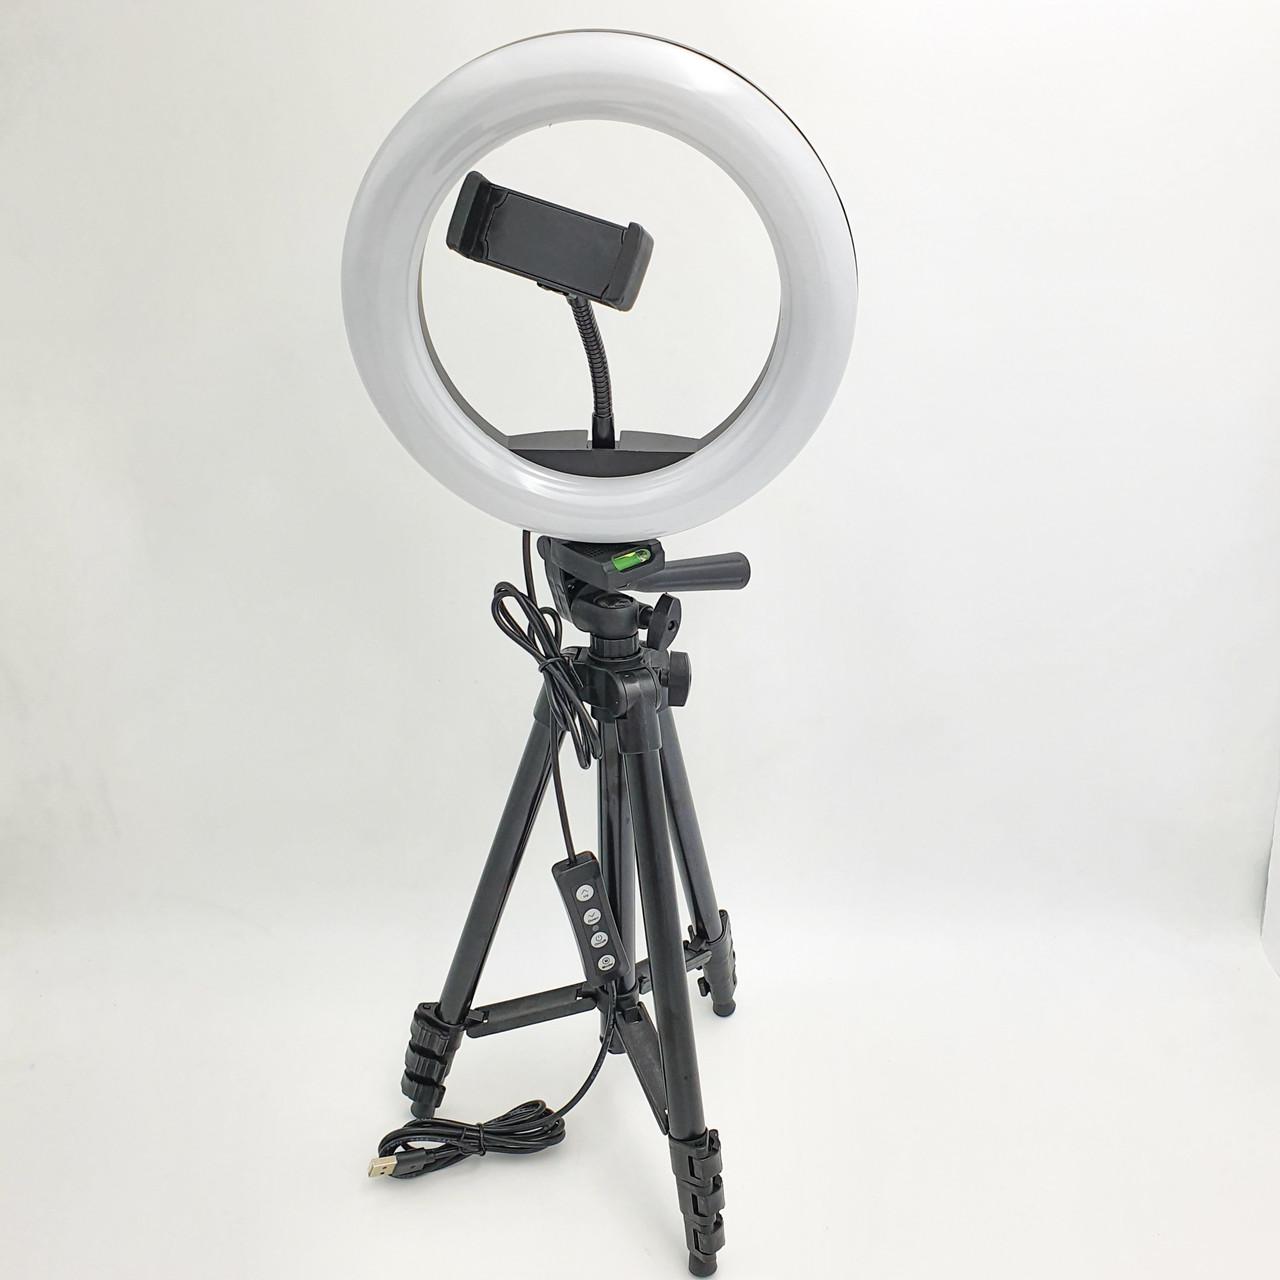 Набор блогера 2 в 1 кольцевая LED лампа 20 см 10W с держателем для телефона и штатив 102 см селфи кольцо 3